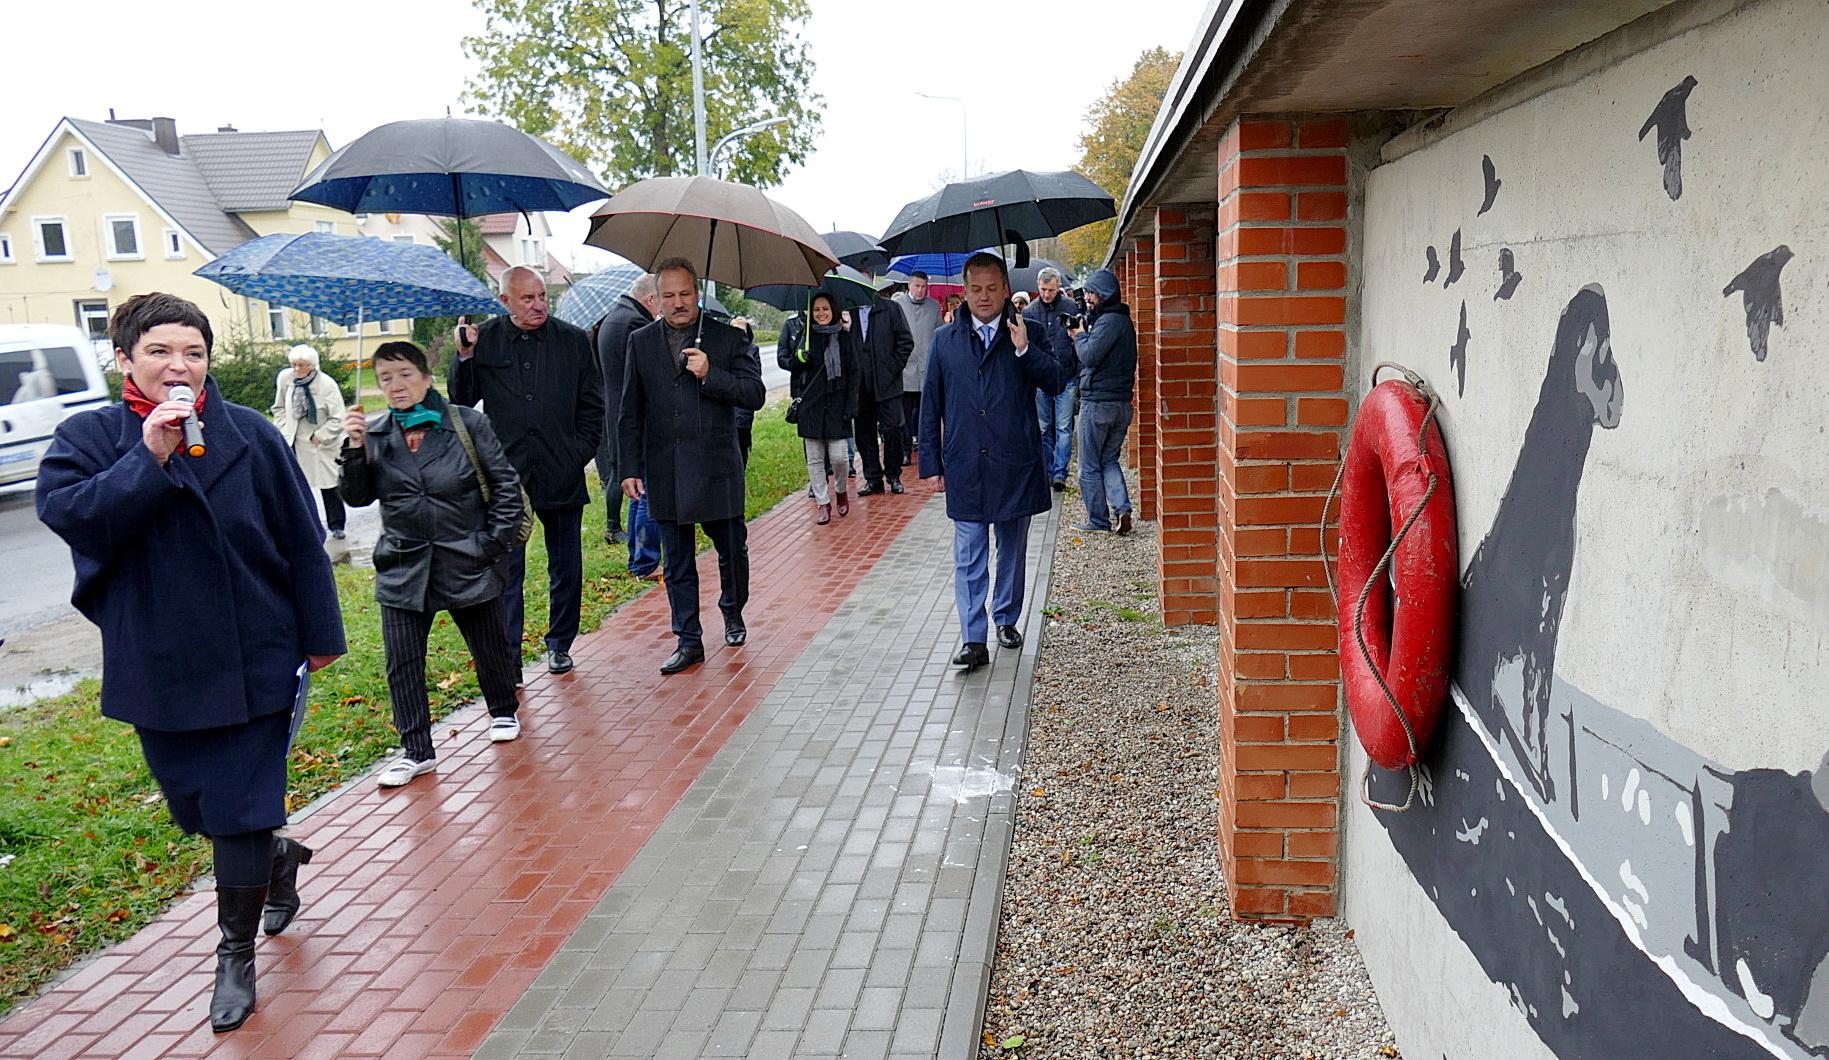 Šilutės meno mokyklos dailės mokytoja Živilė Skirkevičienė surengė ekskursiją, kurios metu renginio dalyviai galėjo apžiūrėti ištapytą sieną.